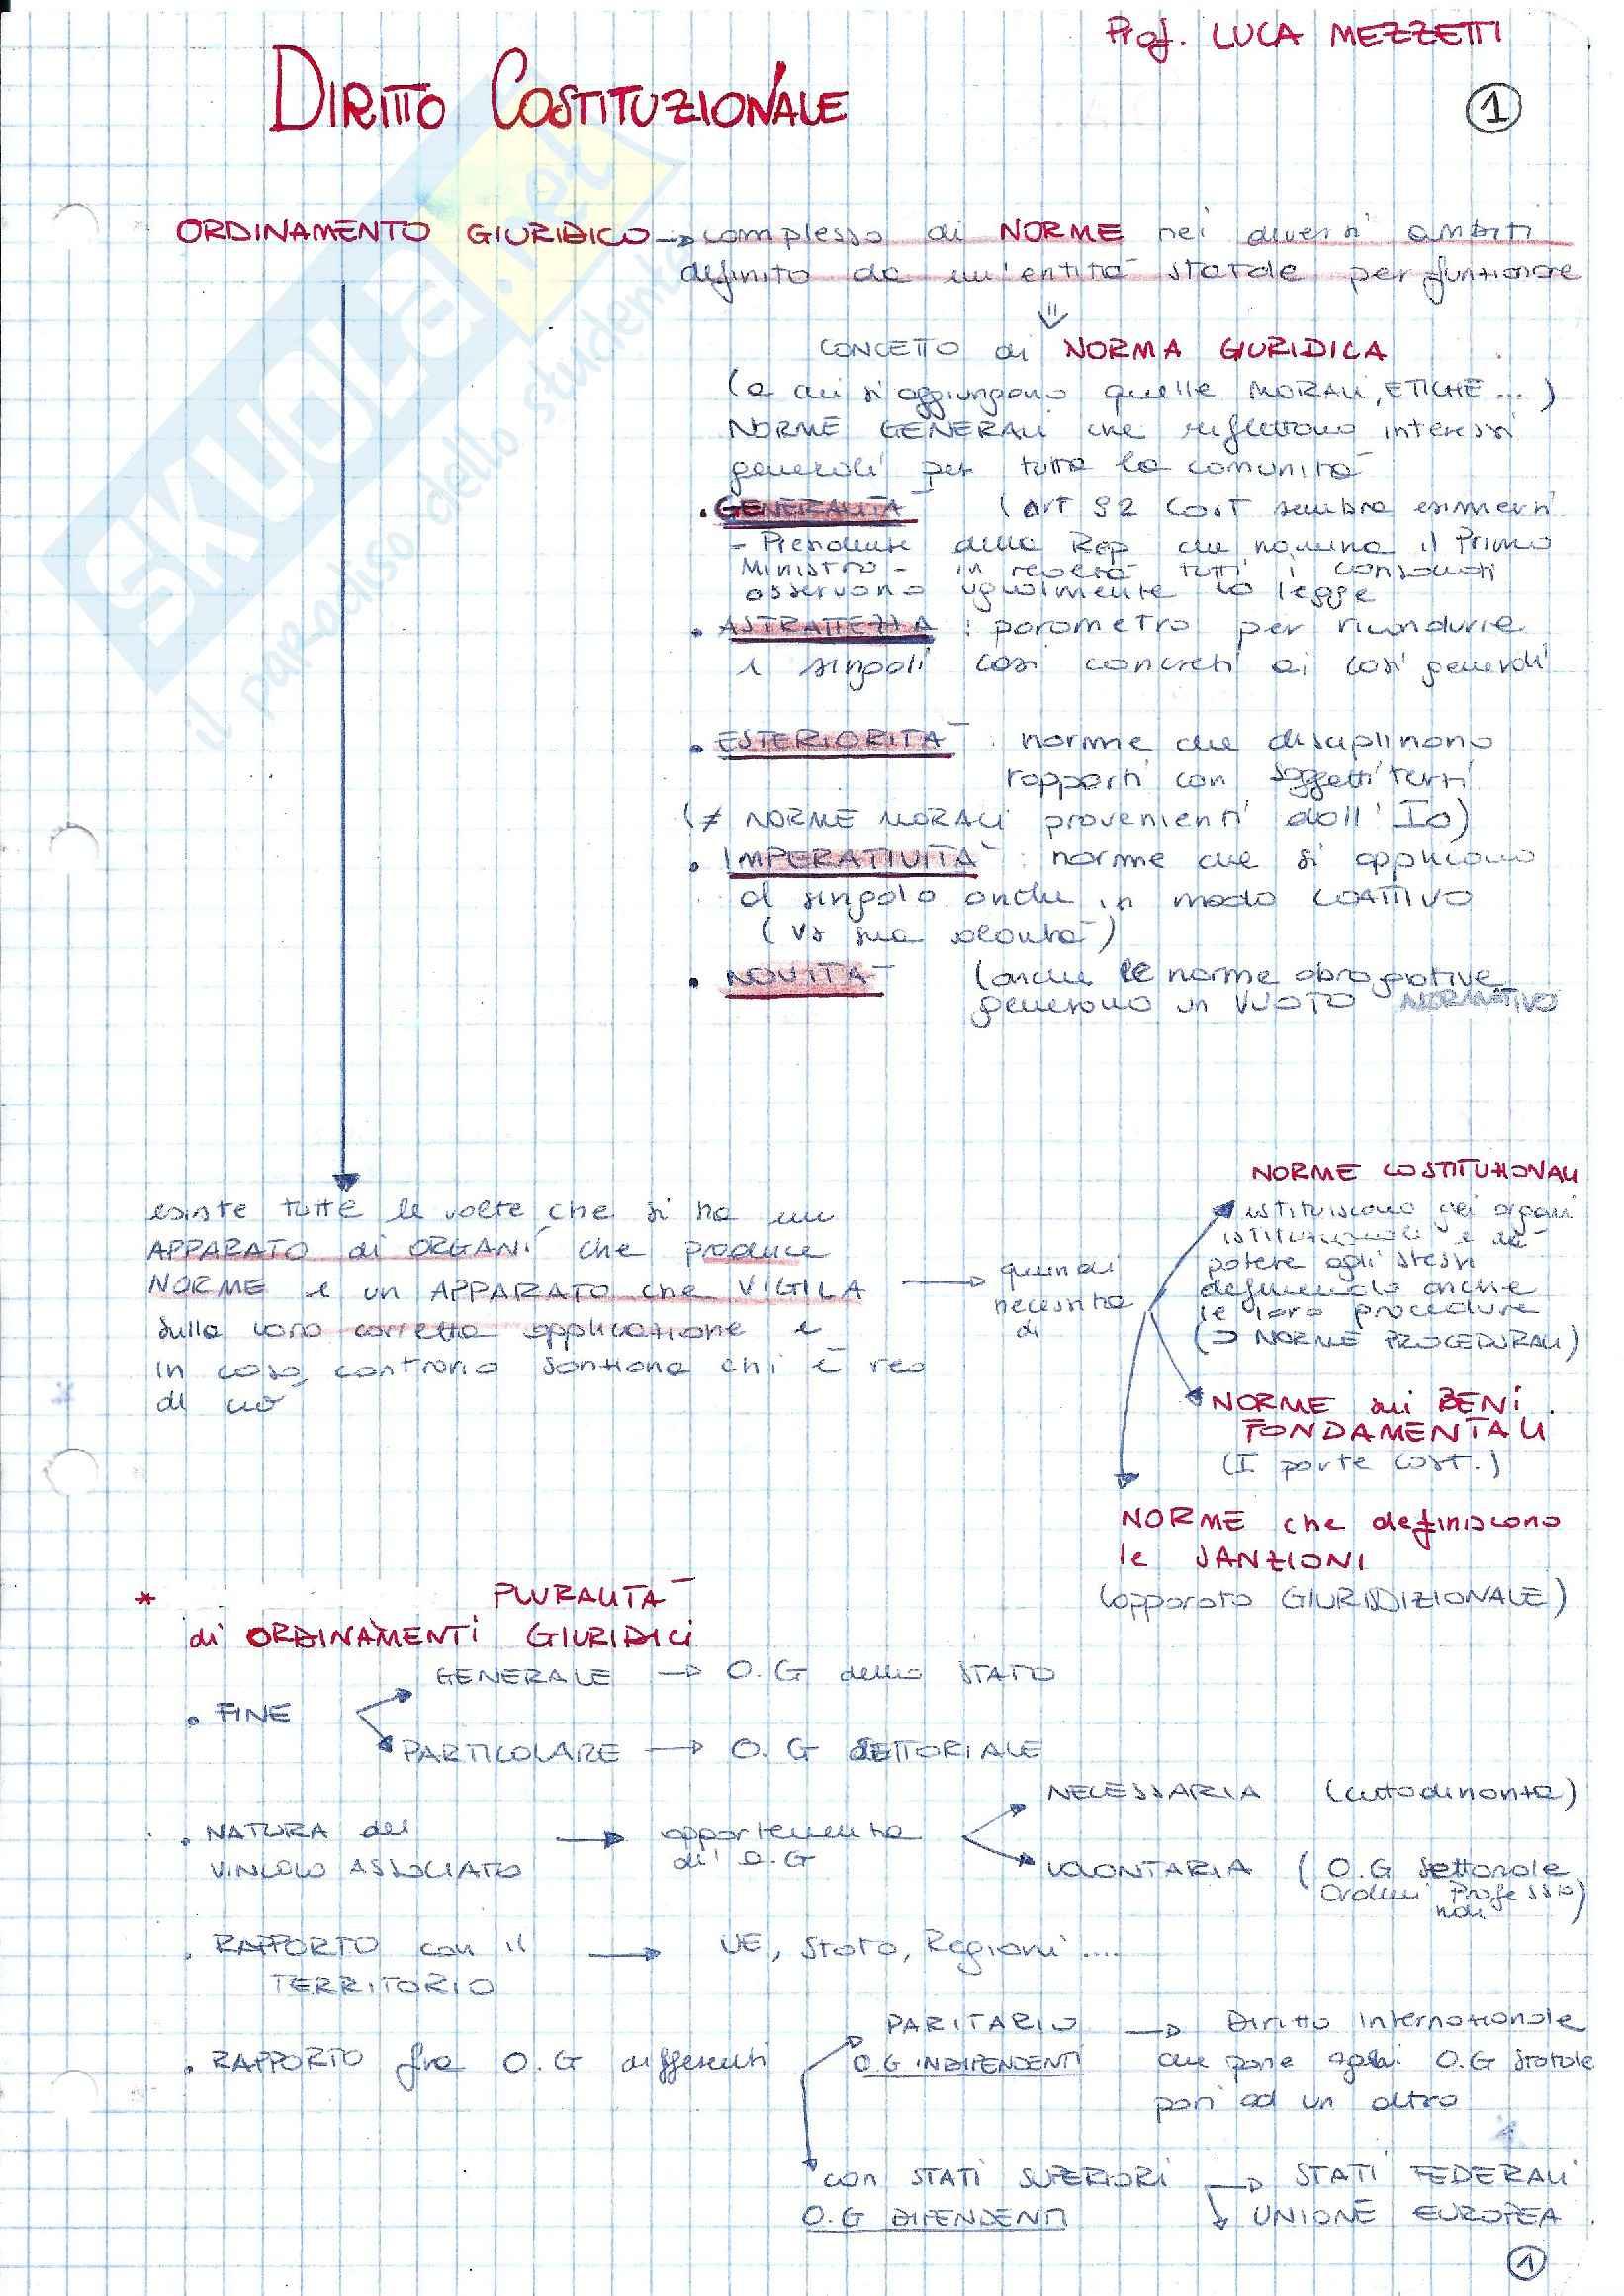 Diritto Costituzionale - schemi